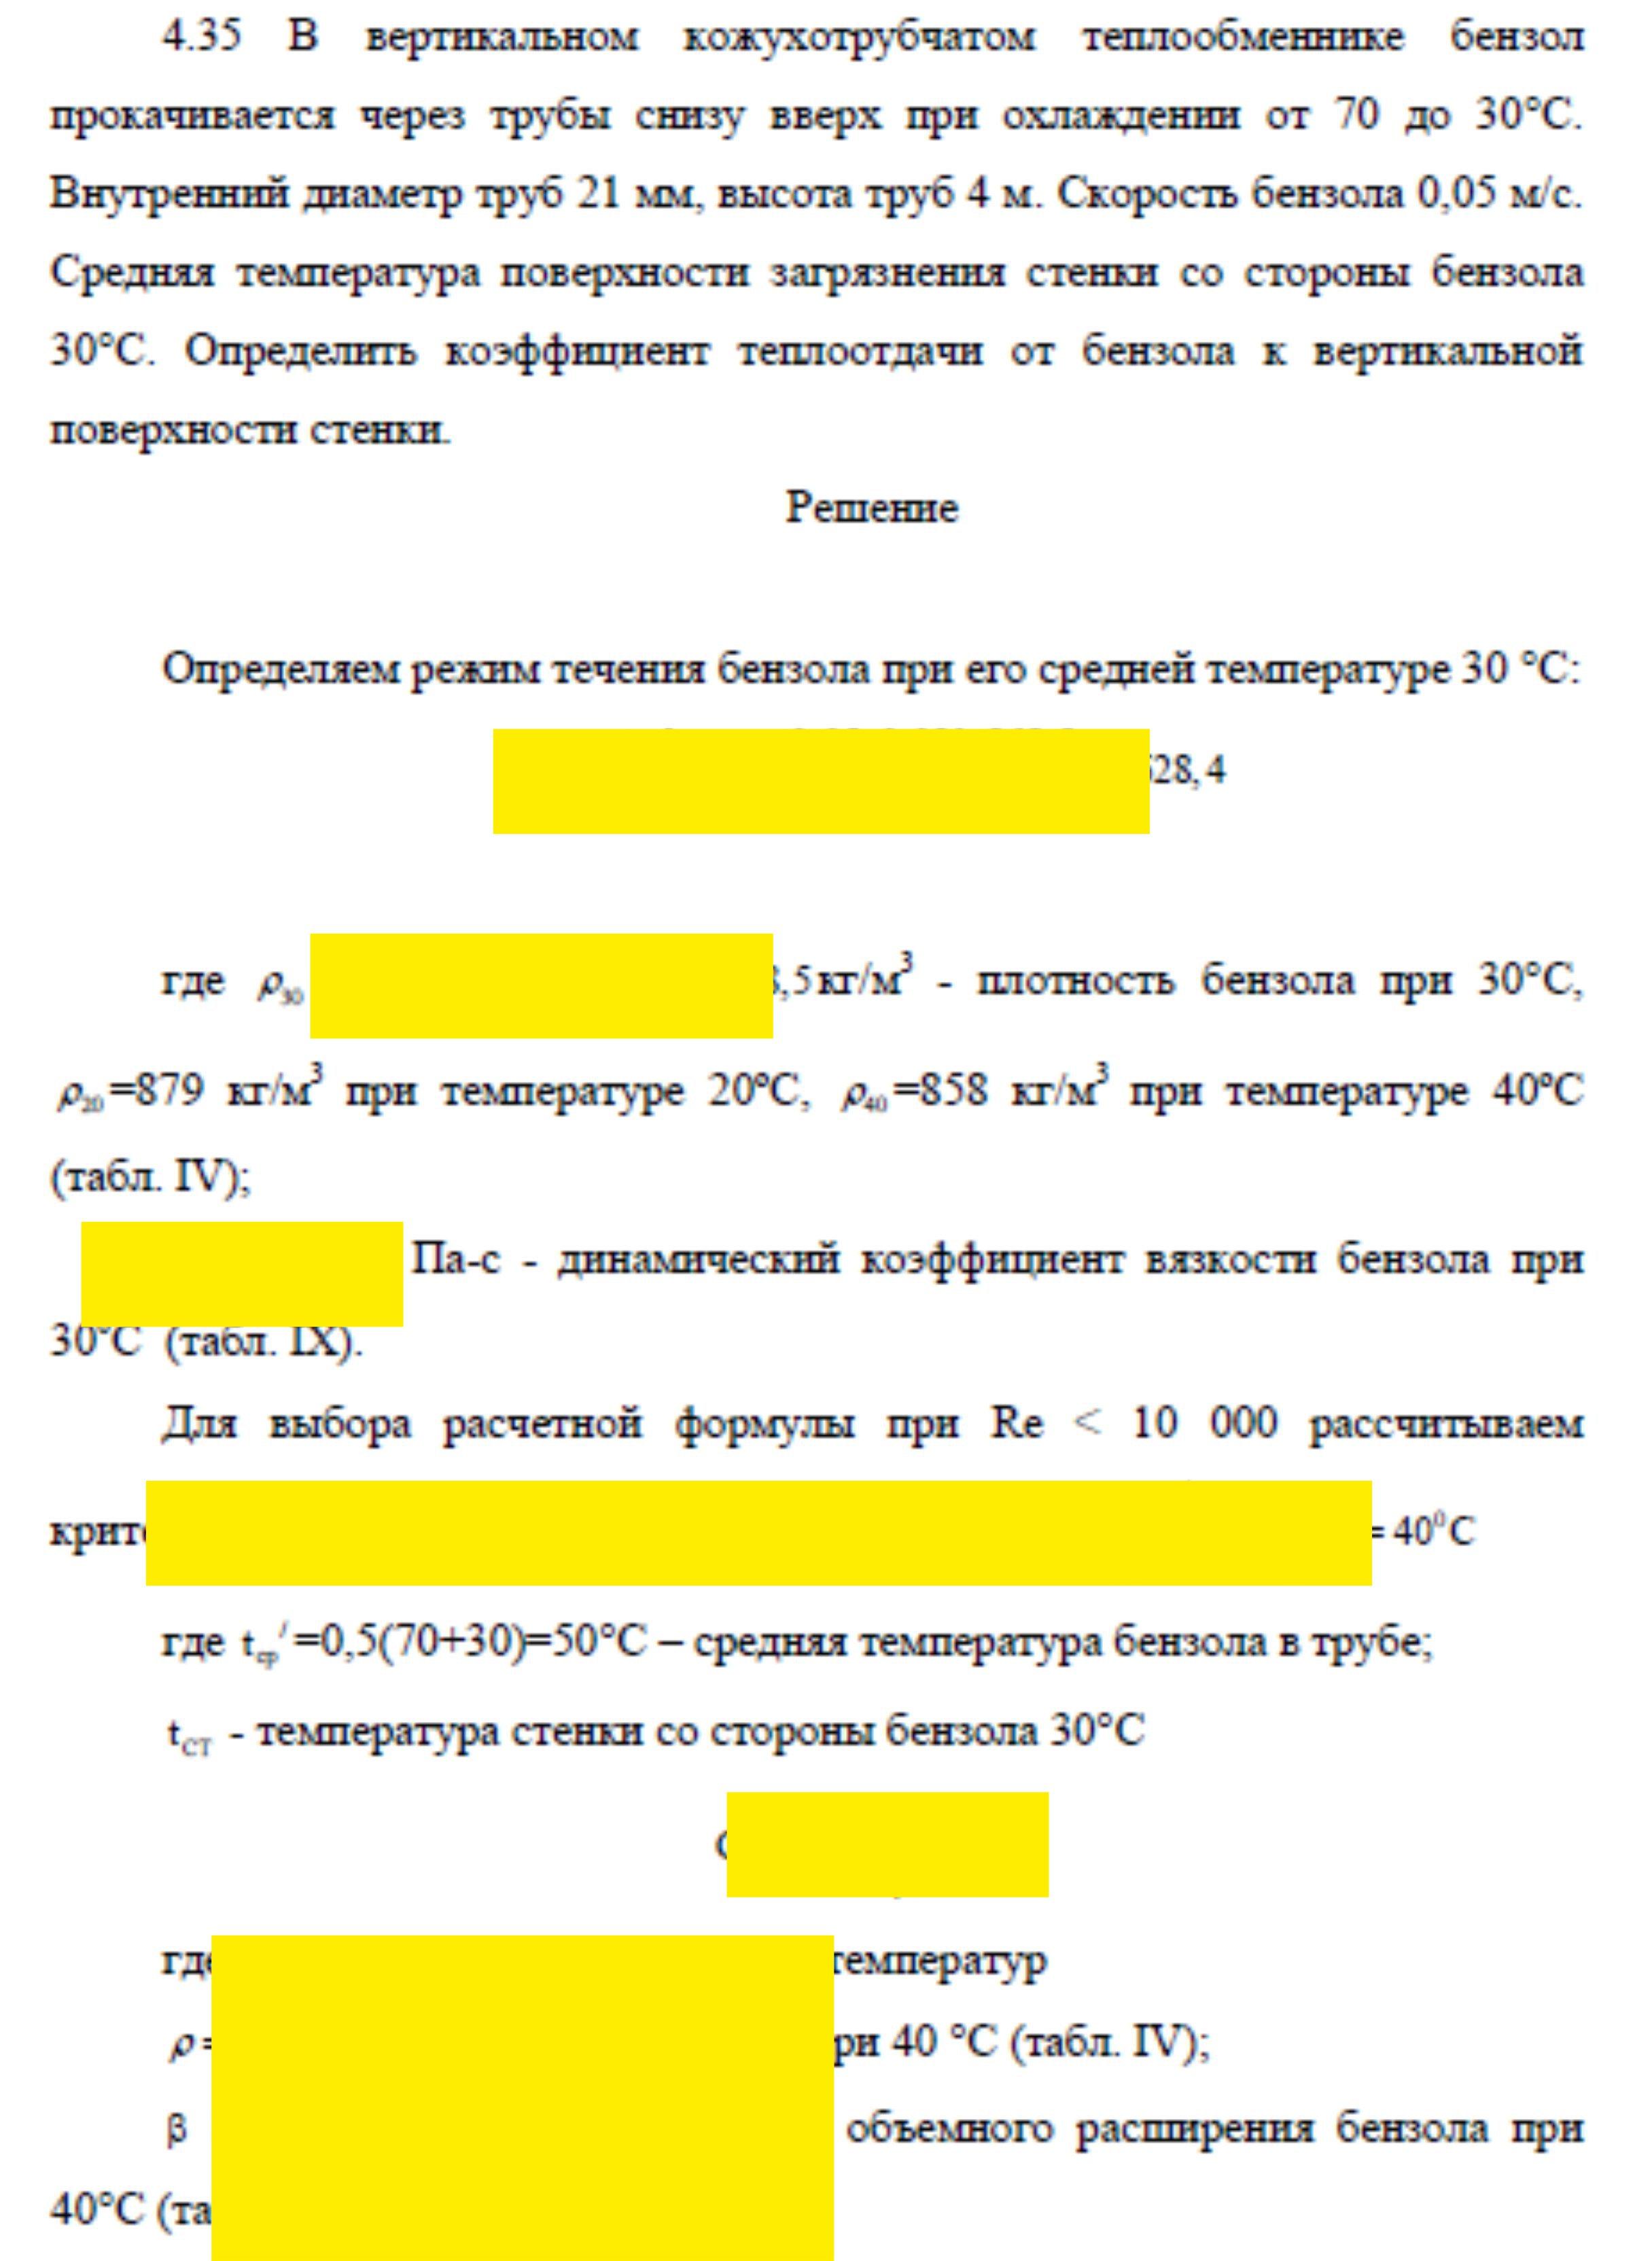 Решение задачи 4.35 по ПАХТ из задачника Павлова Романкова Носкова